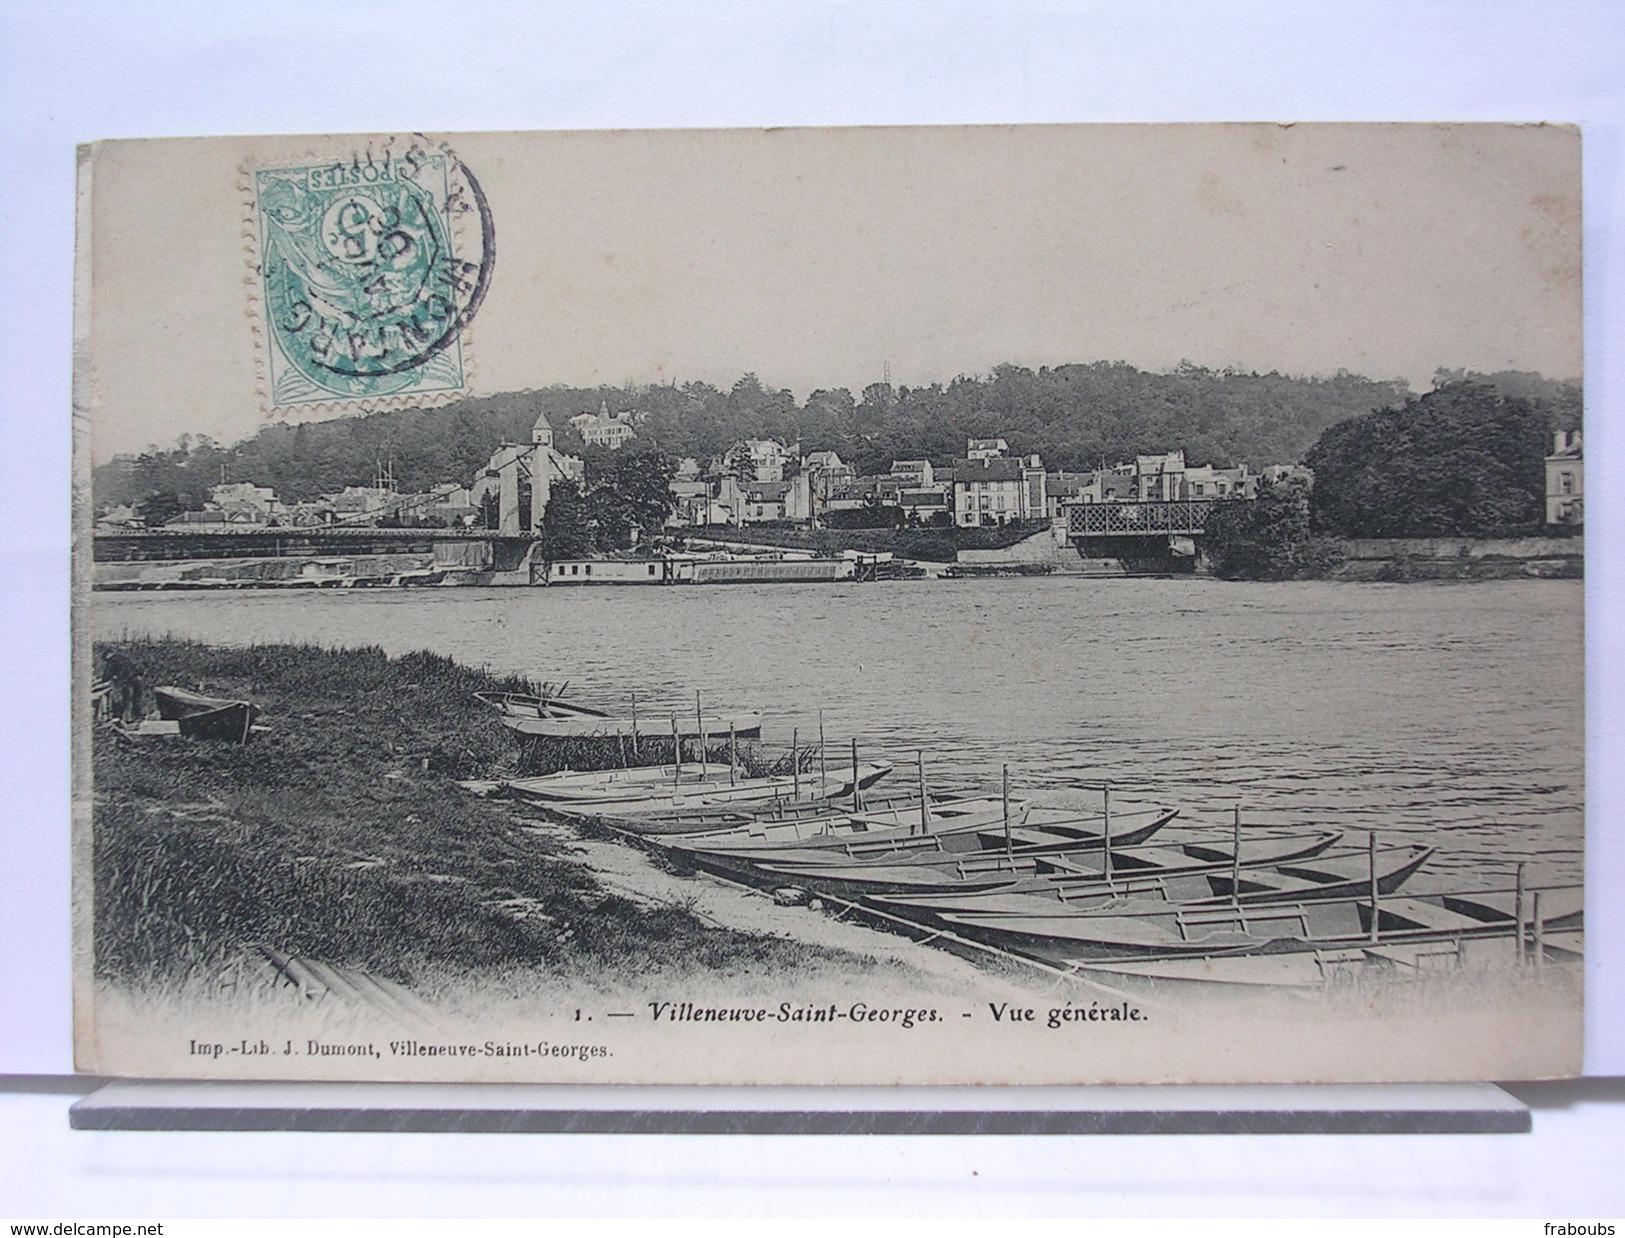 94 - VILLENEUVE SAINT GEORGES - VUE GENERALE - 1906 - Villeneuve Saint Georges